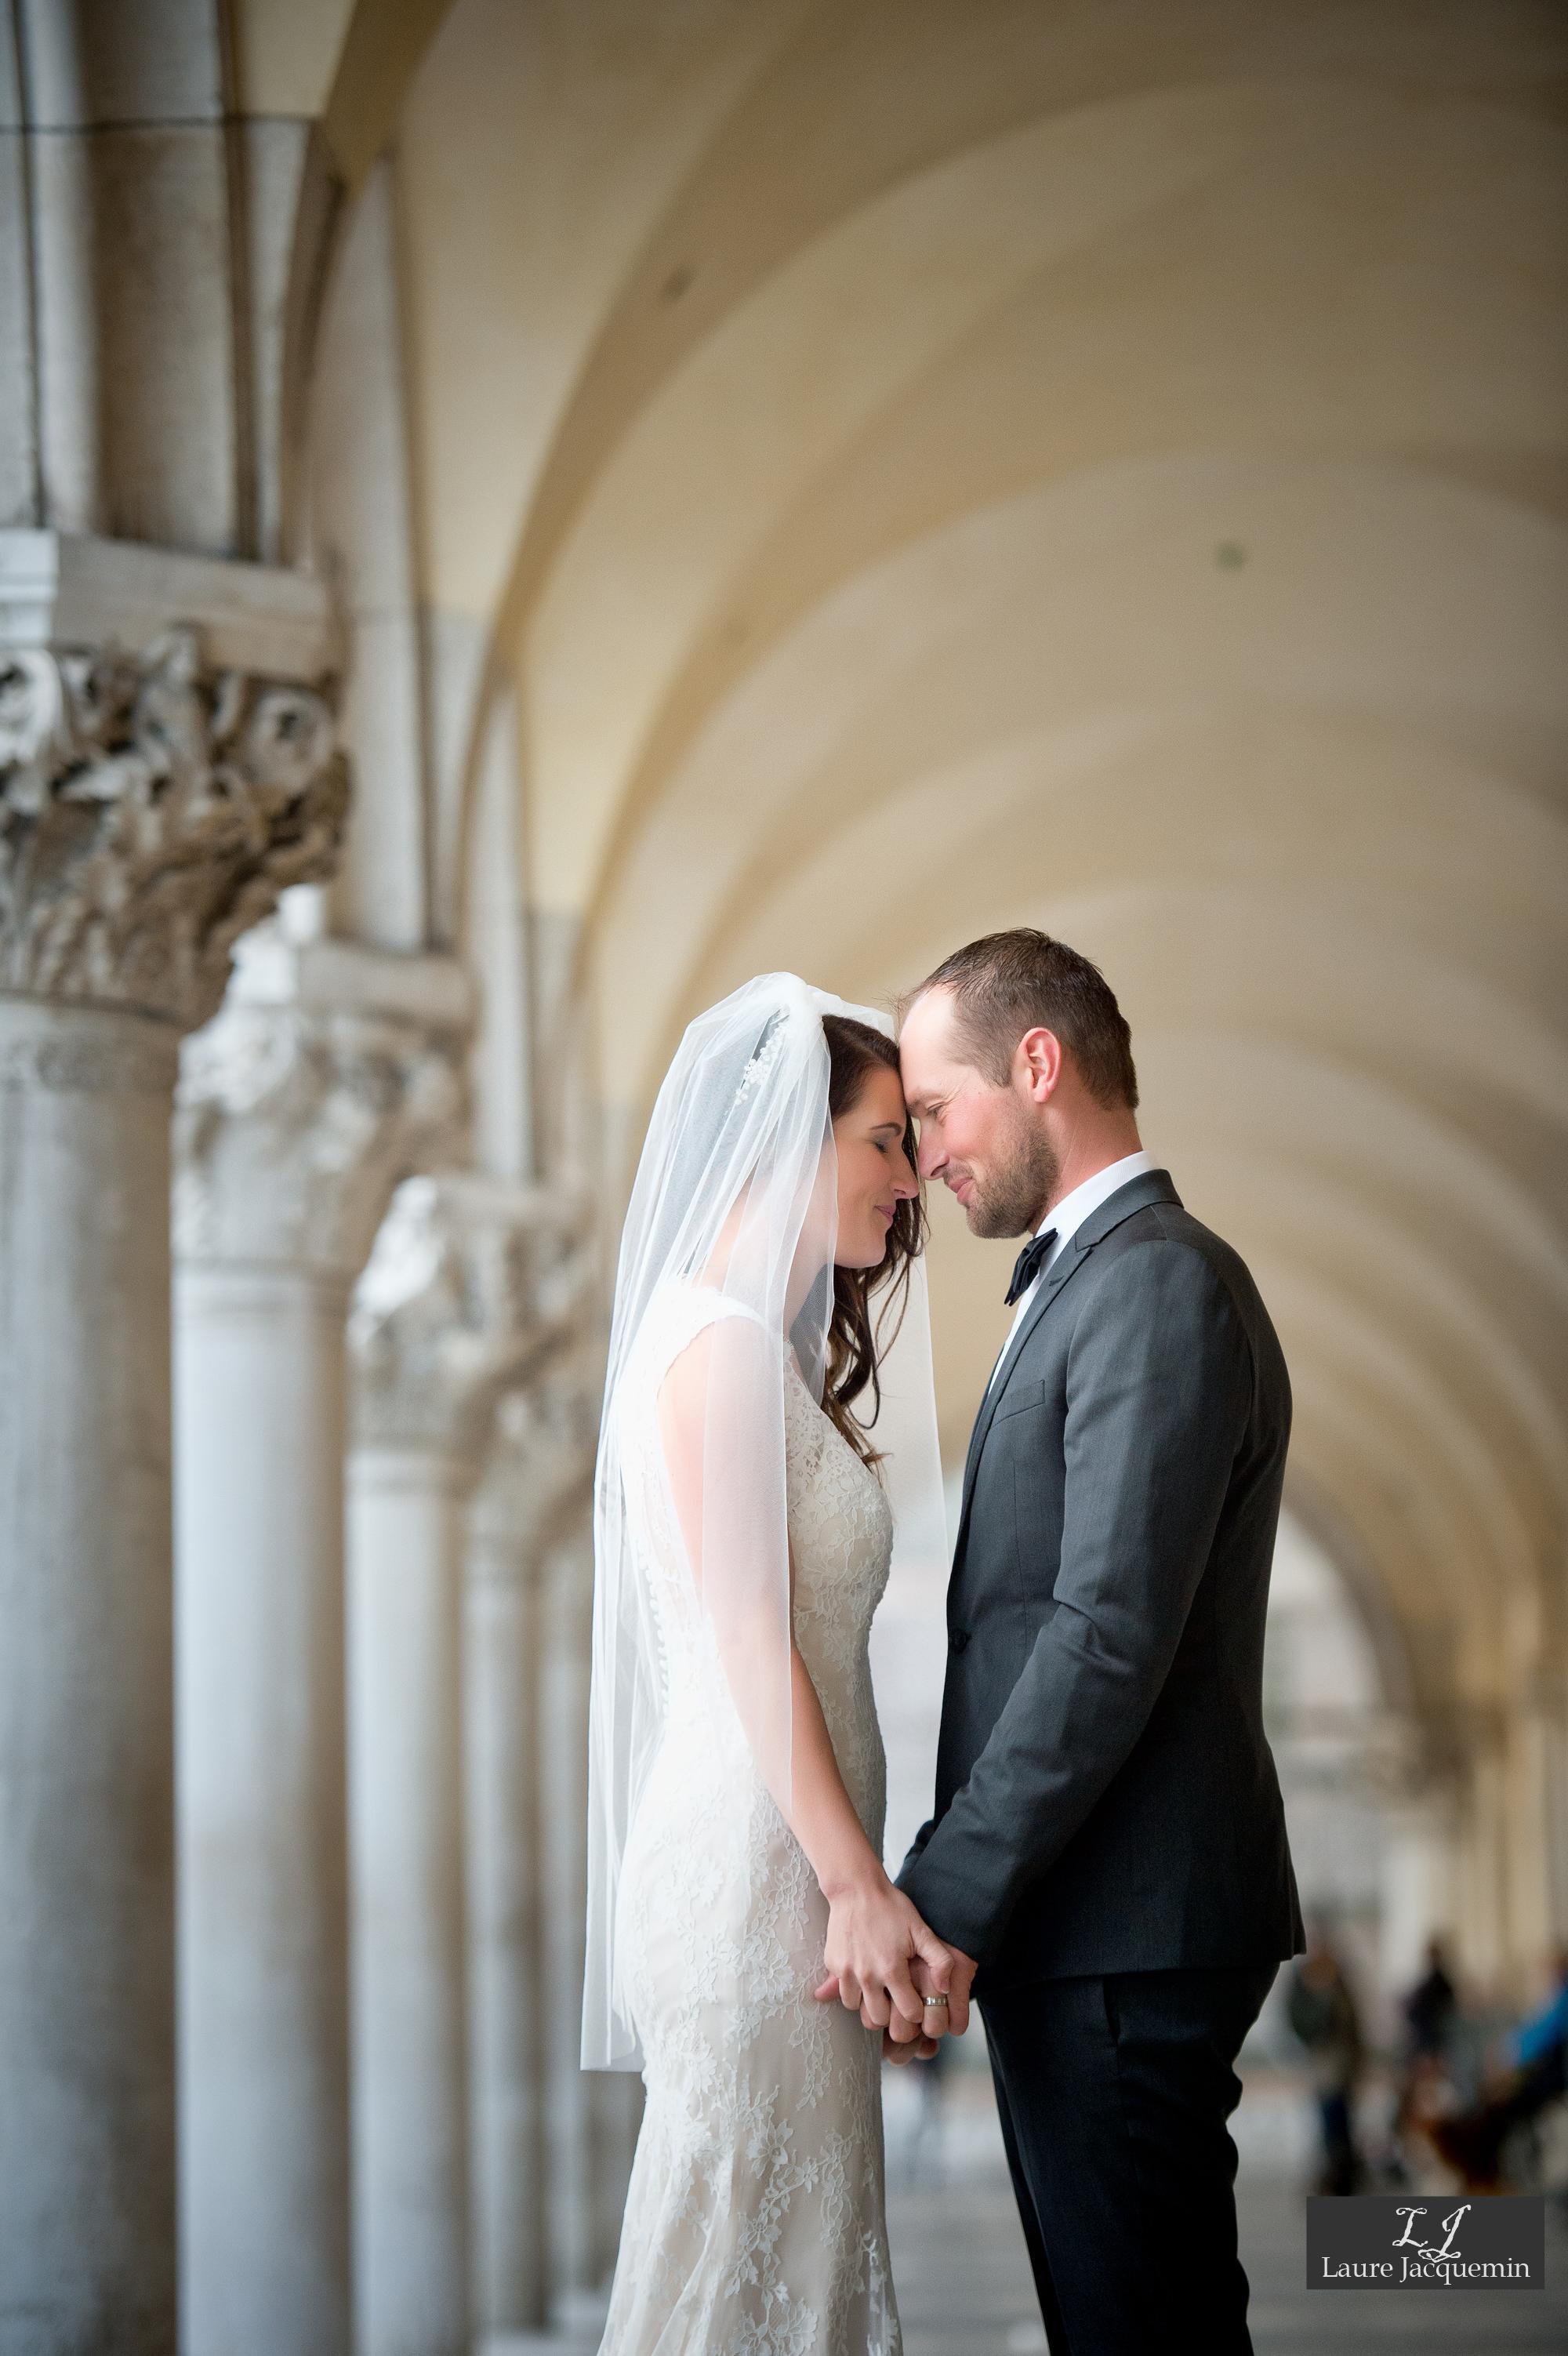 photographe mariage laure jacquemin palazzo cavalli service photographique (89)